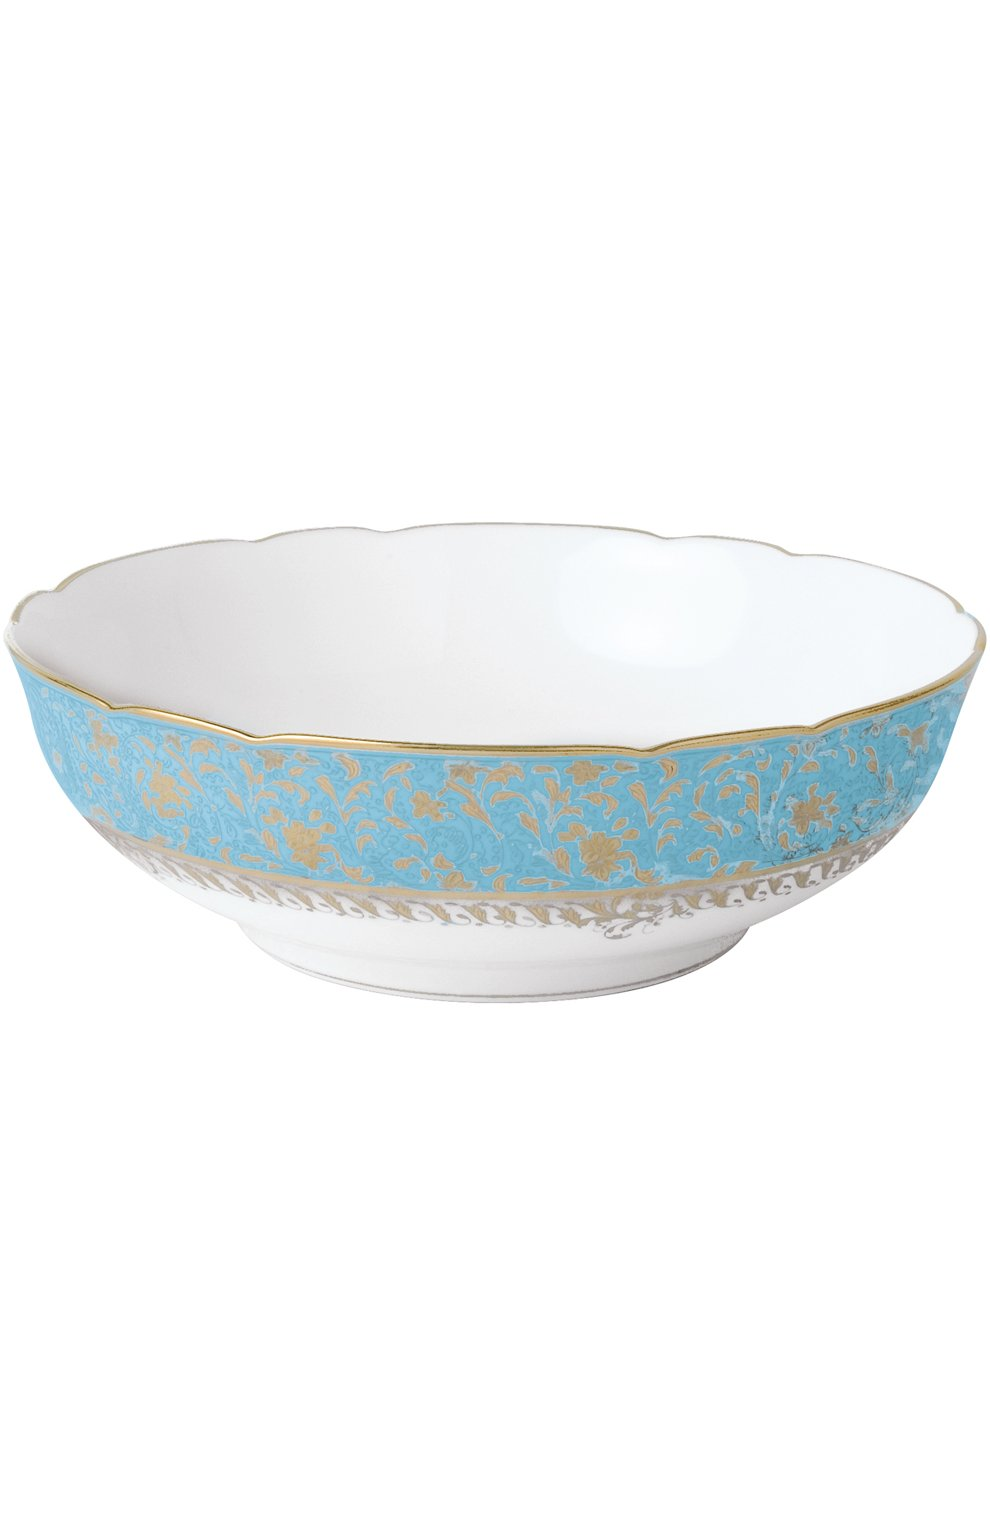 Мужского салатник eden turquoise BERNARDAUD голубого цвета, арт. 0144/127 | Фото 1